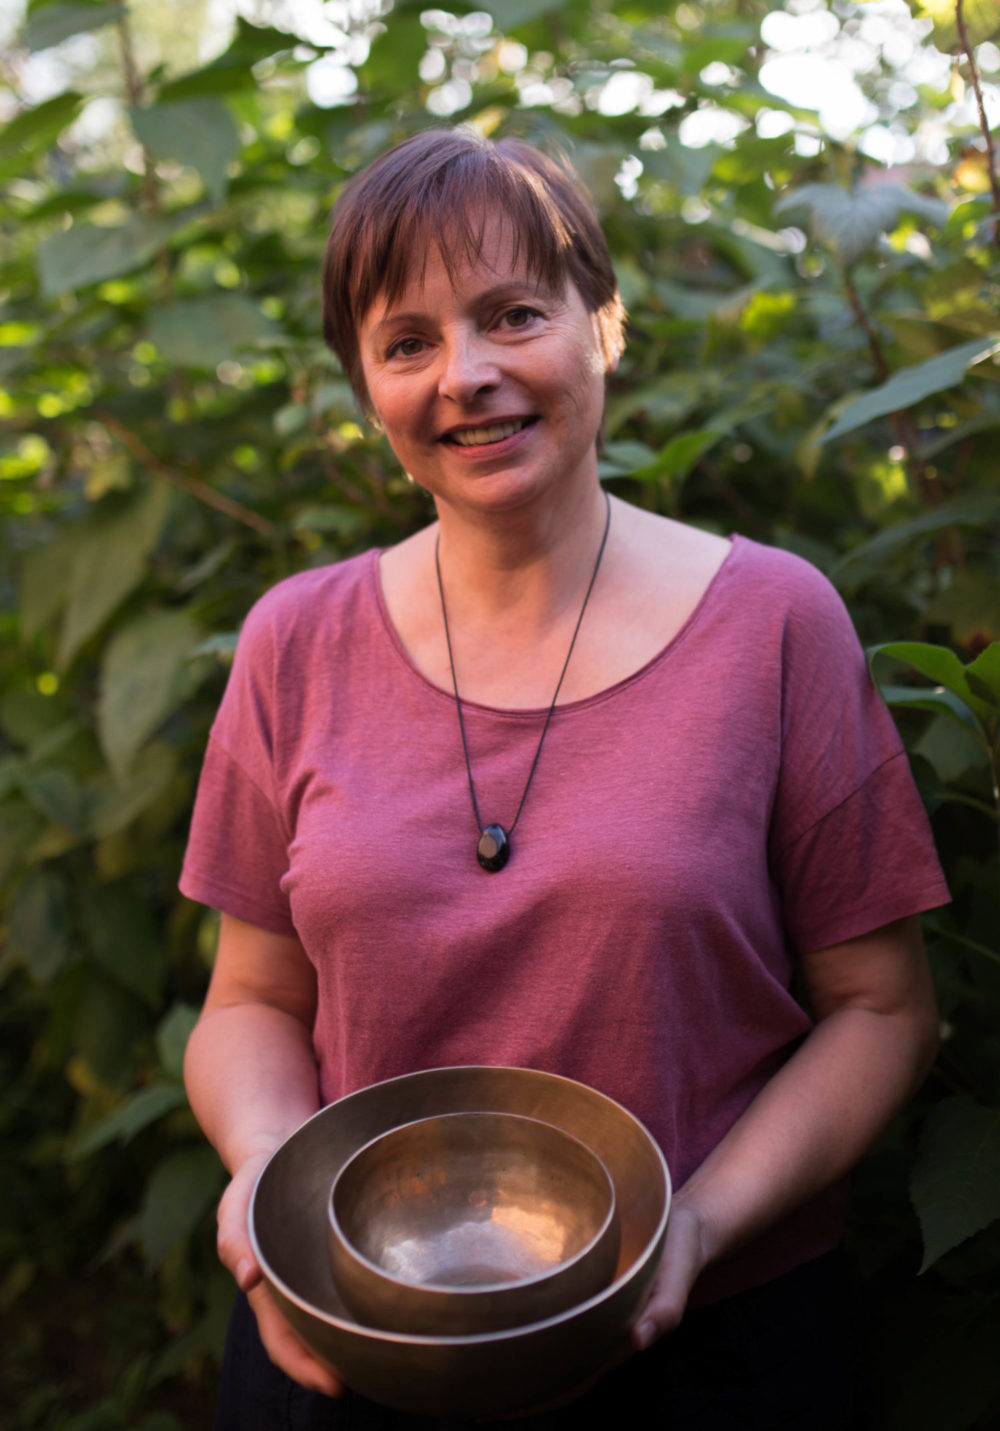 Regina Algermissen, Gesundheitspraktikerin